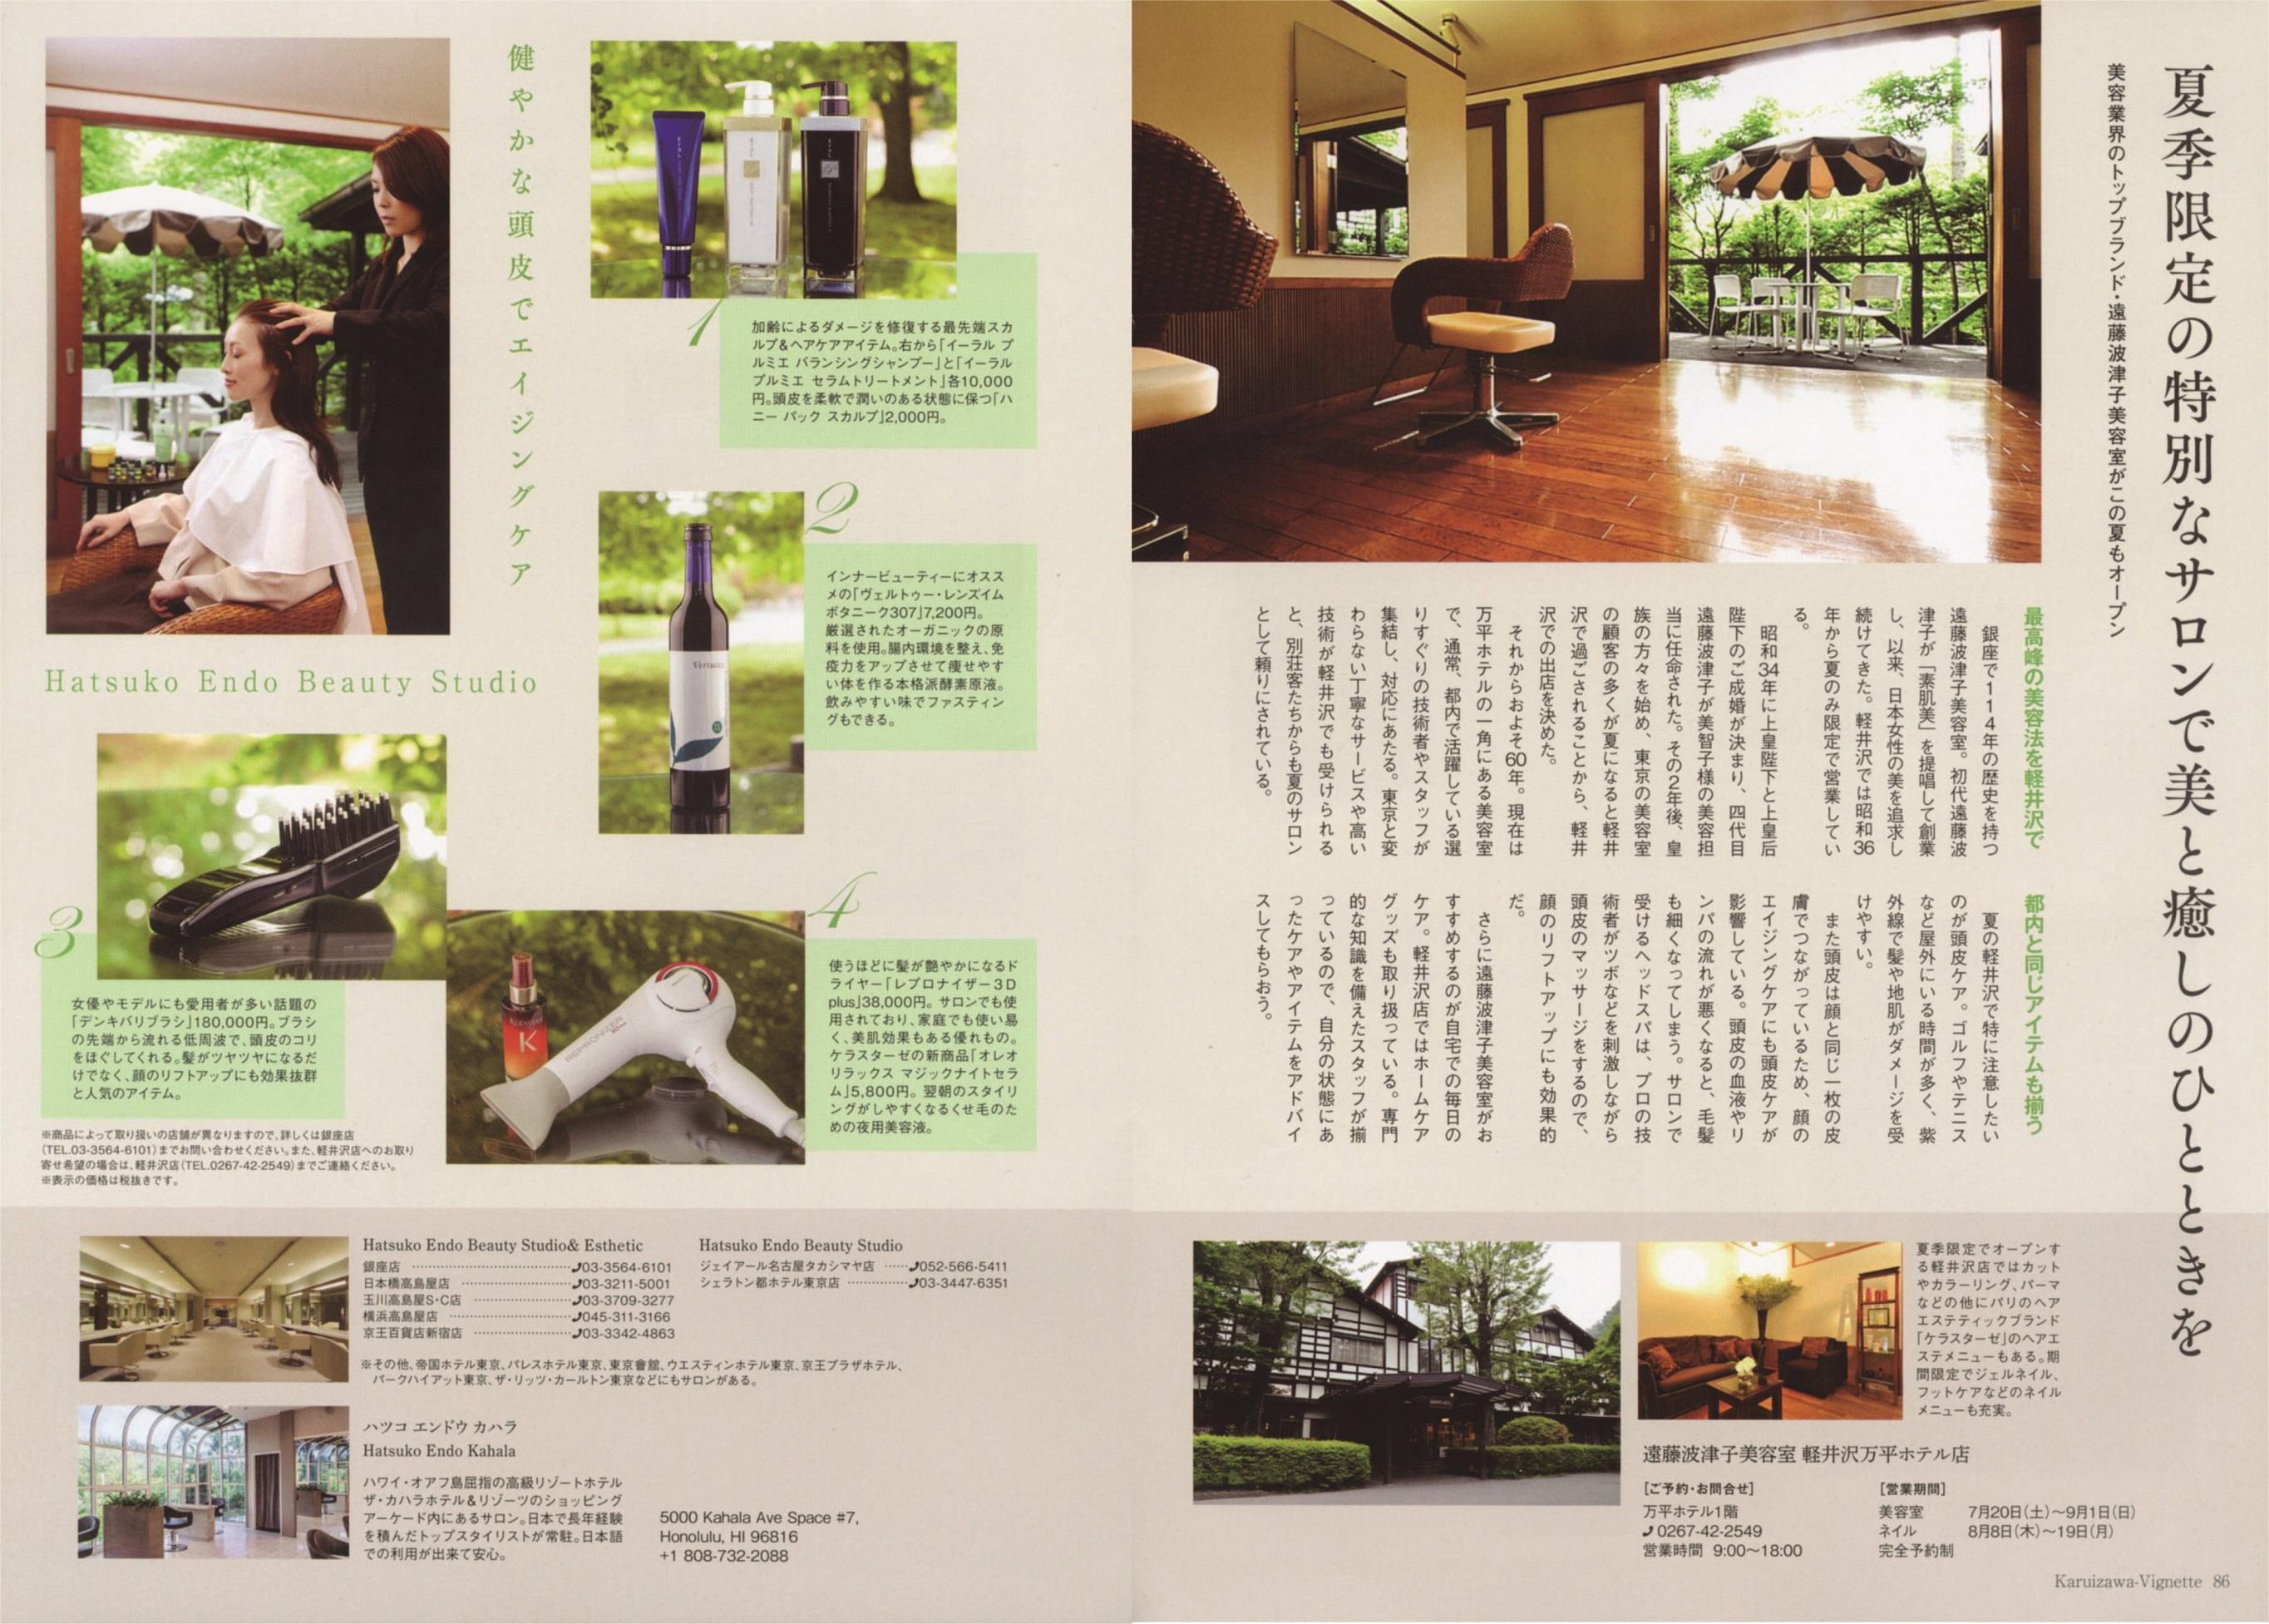 7月26日発売_軽井沢ヴィネット 2019下巻 vol.125 P.90-91